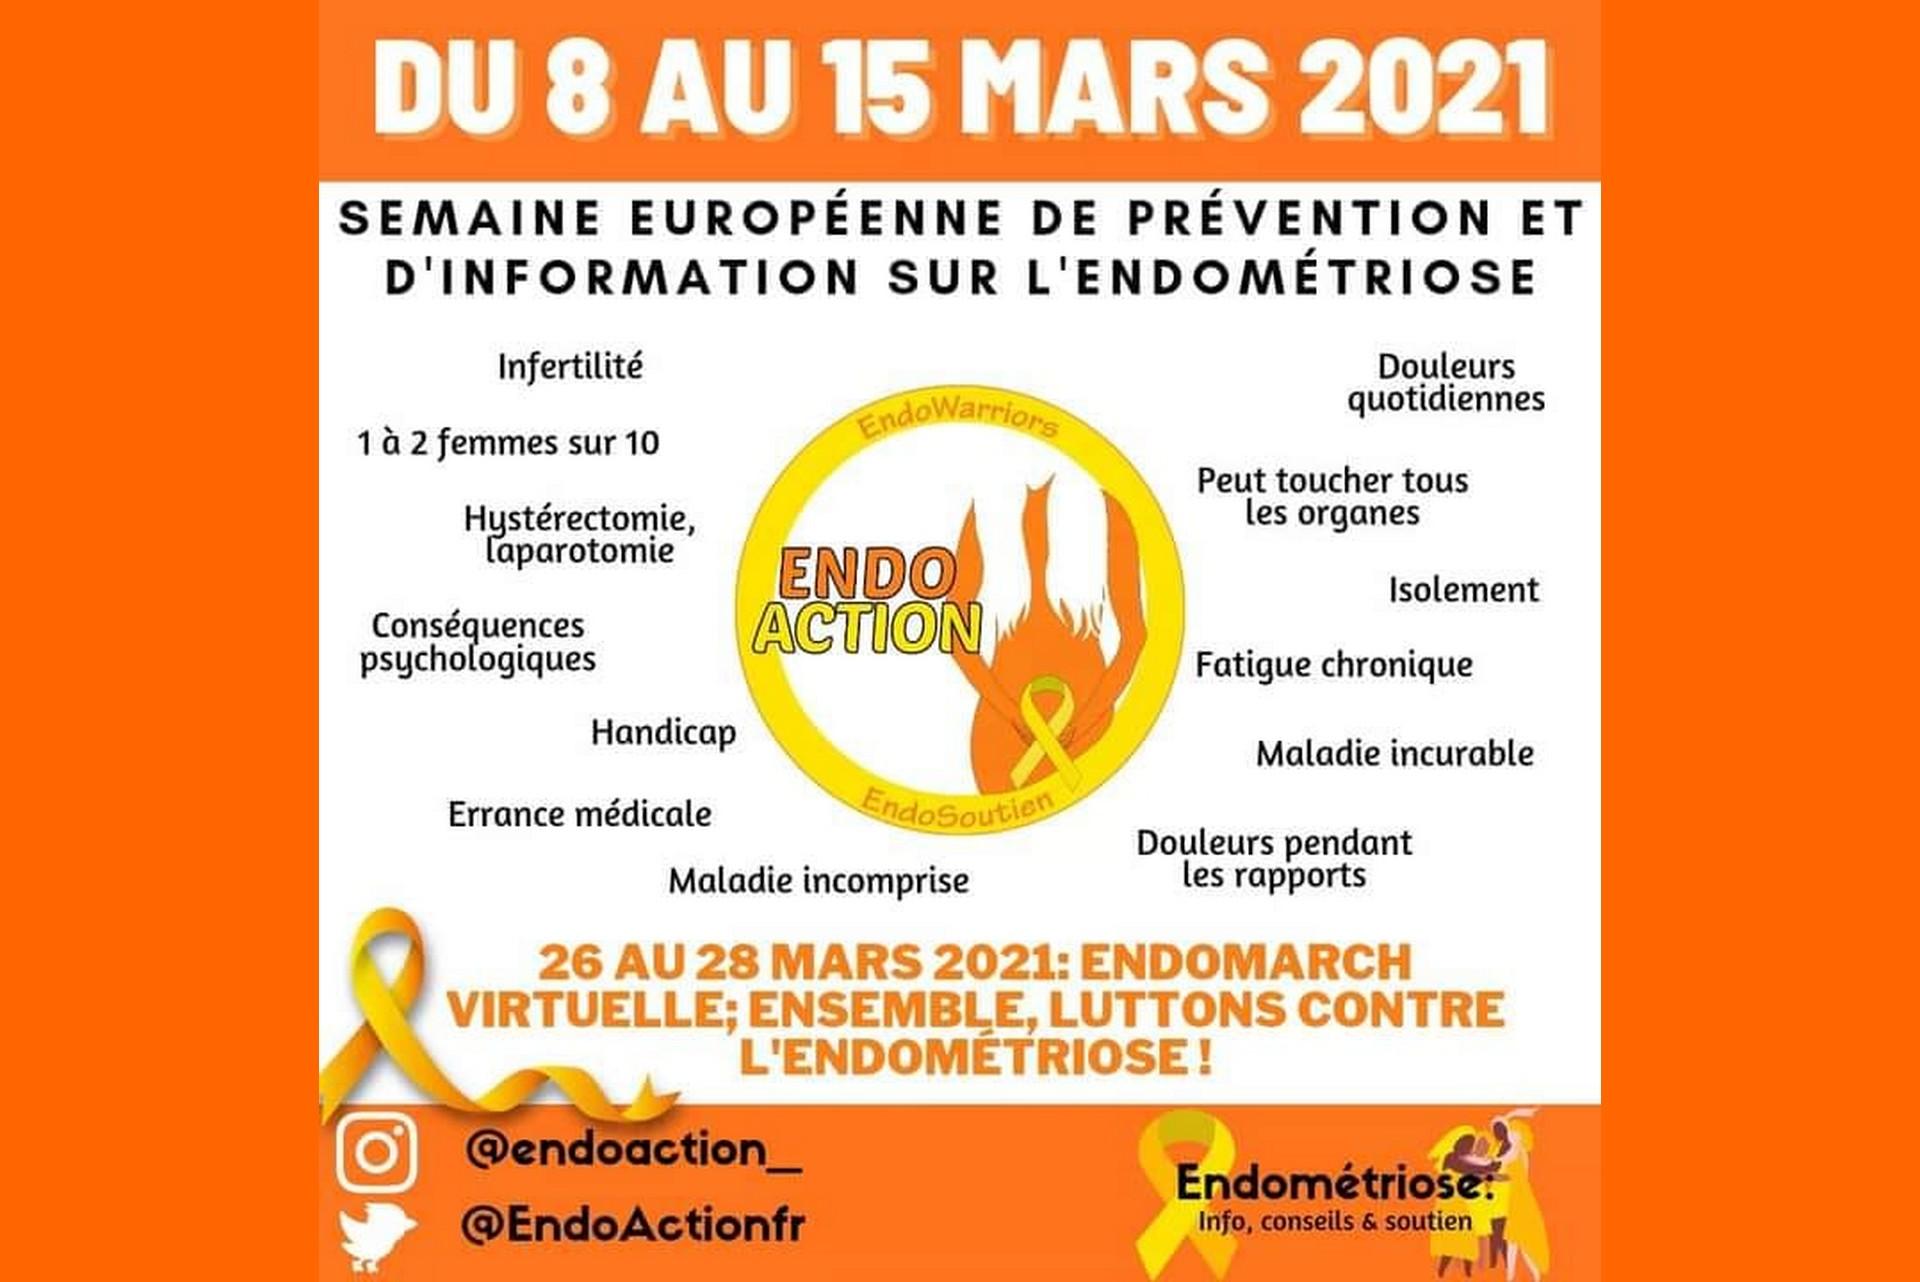 Semaine européenne de prévention sur l'endométriose, la maladie chronique qui touche une femme sur dix